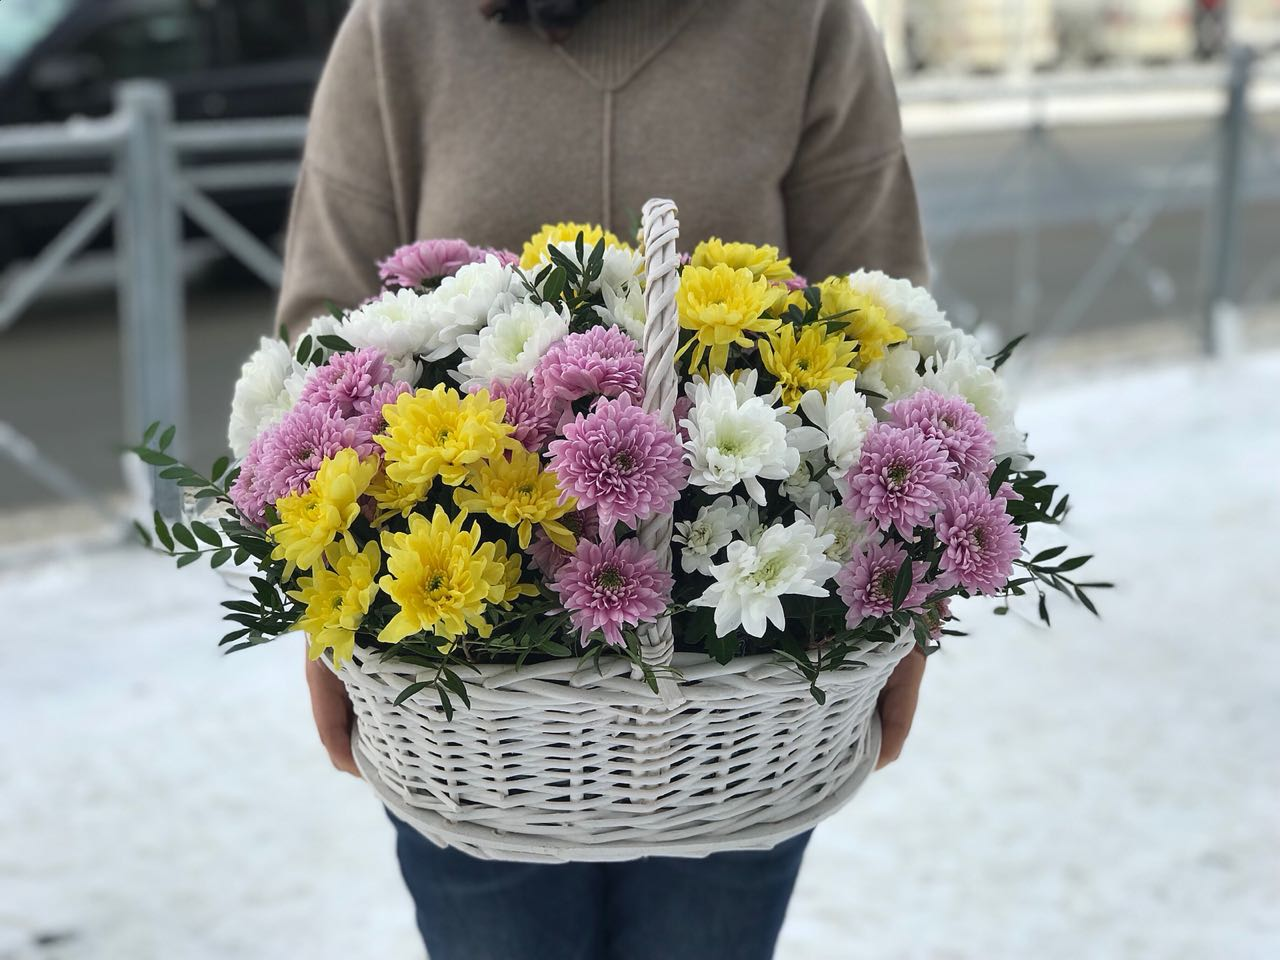 Заказать цветы оптом с доставкой в южно-сахалинск